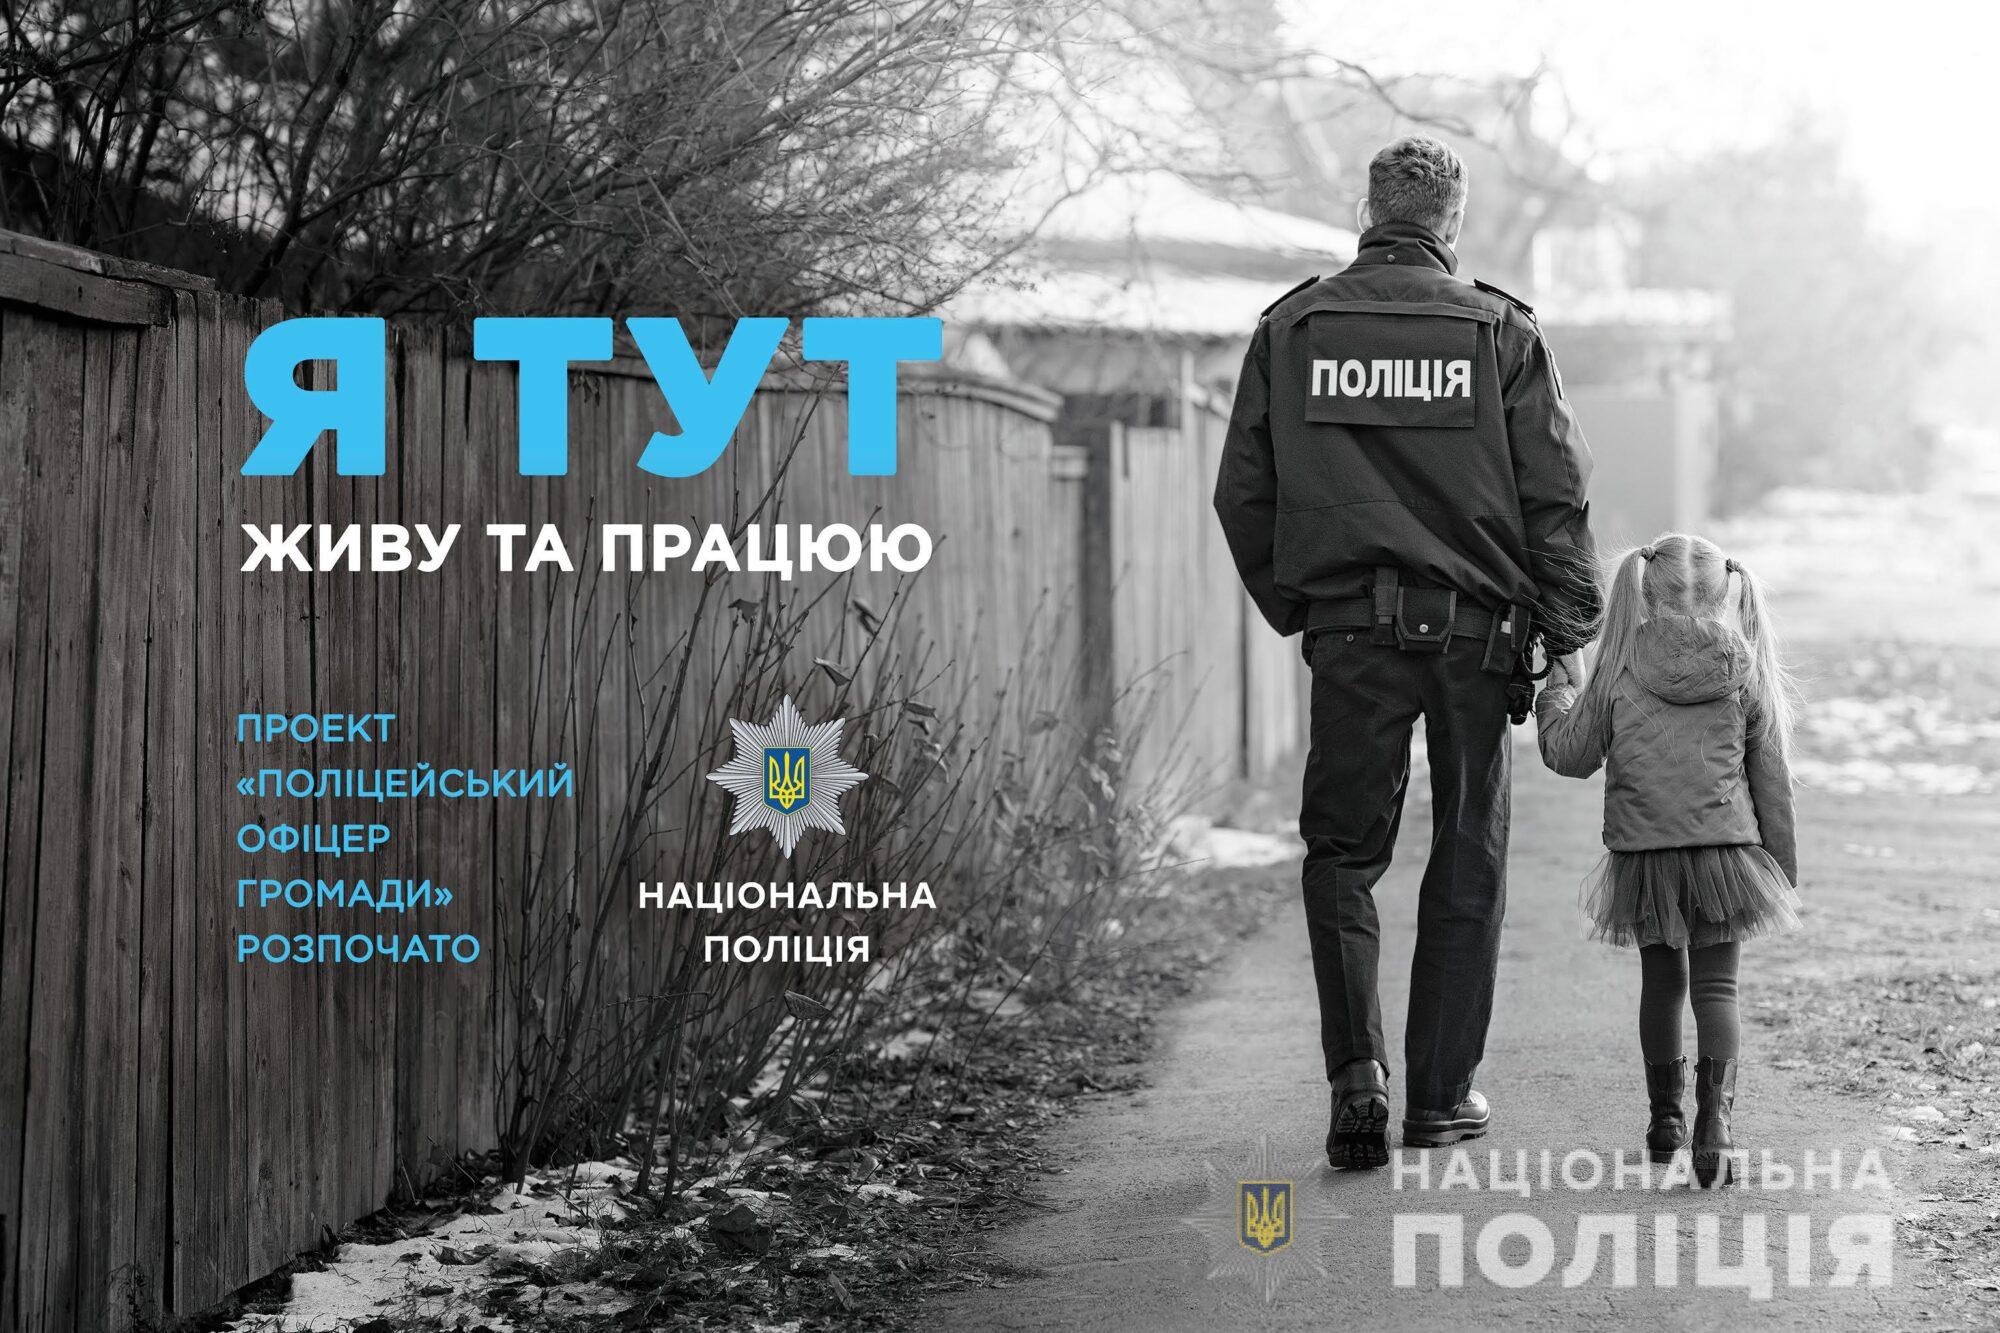 «Поліцейський офіцер громади» буде в кожній ОТГ - Аваков - Національна поліція України - ya tut 2000x1333